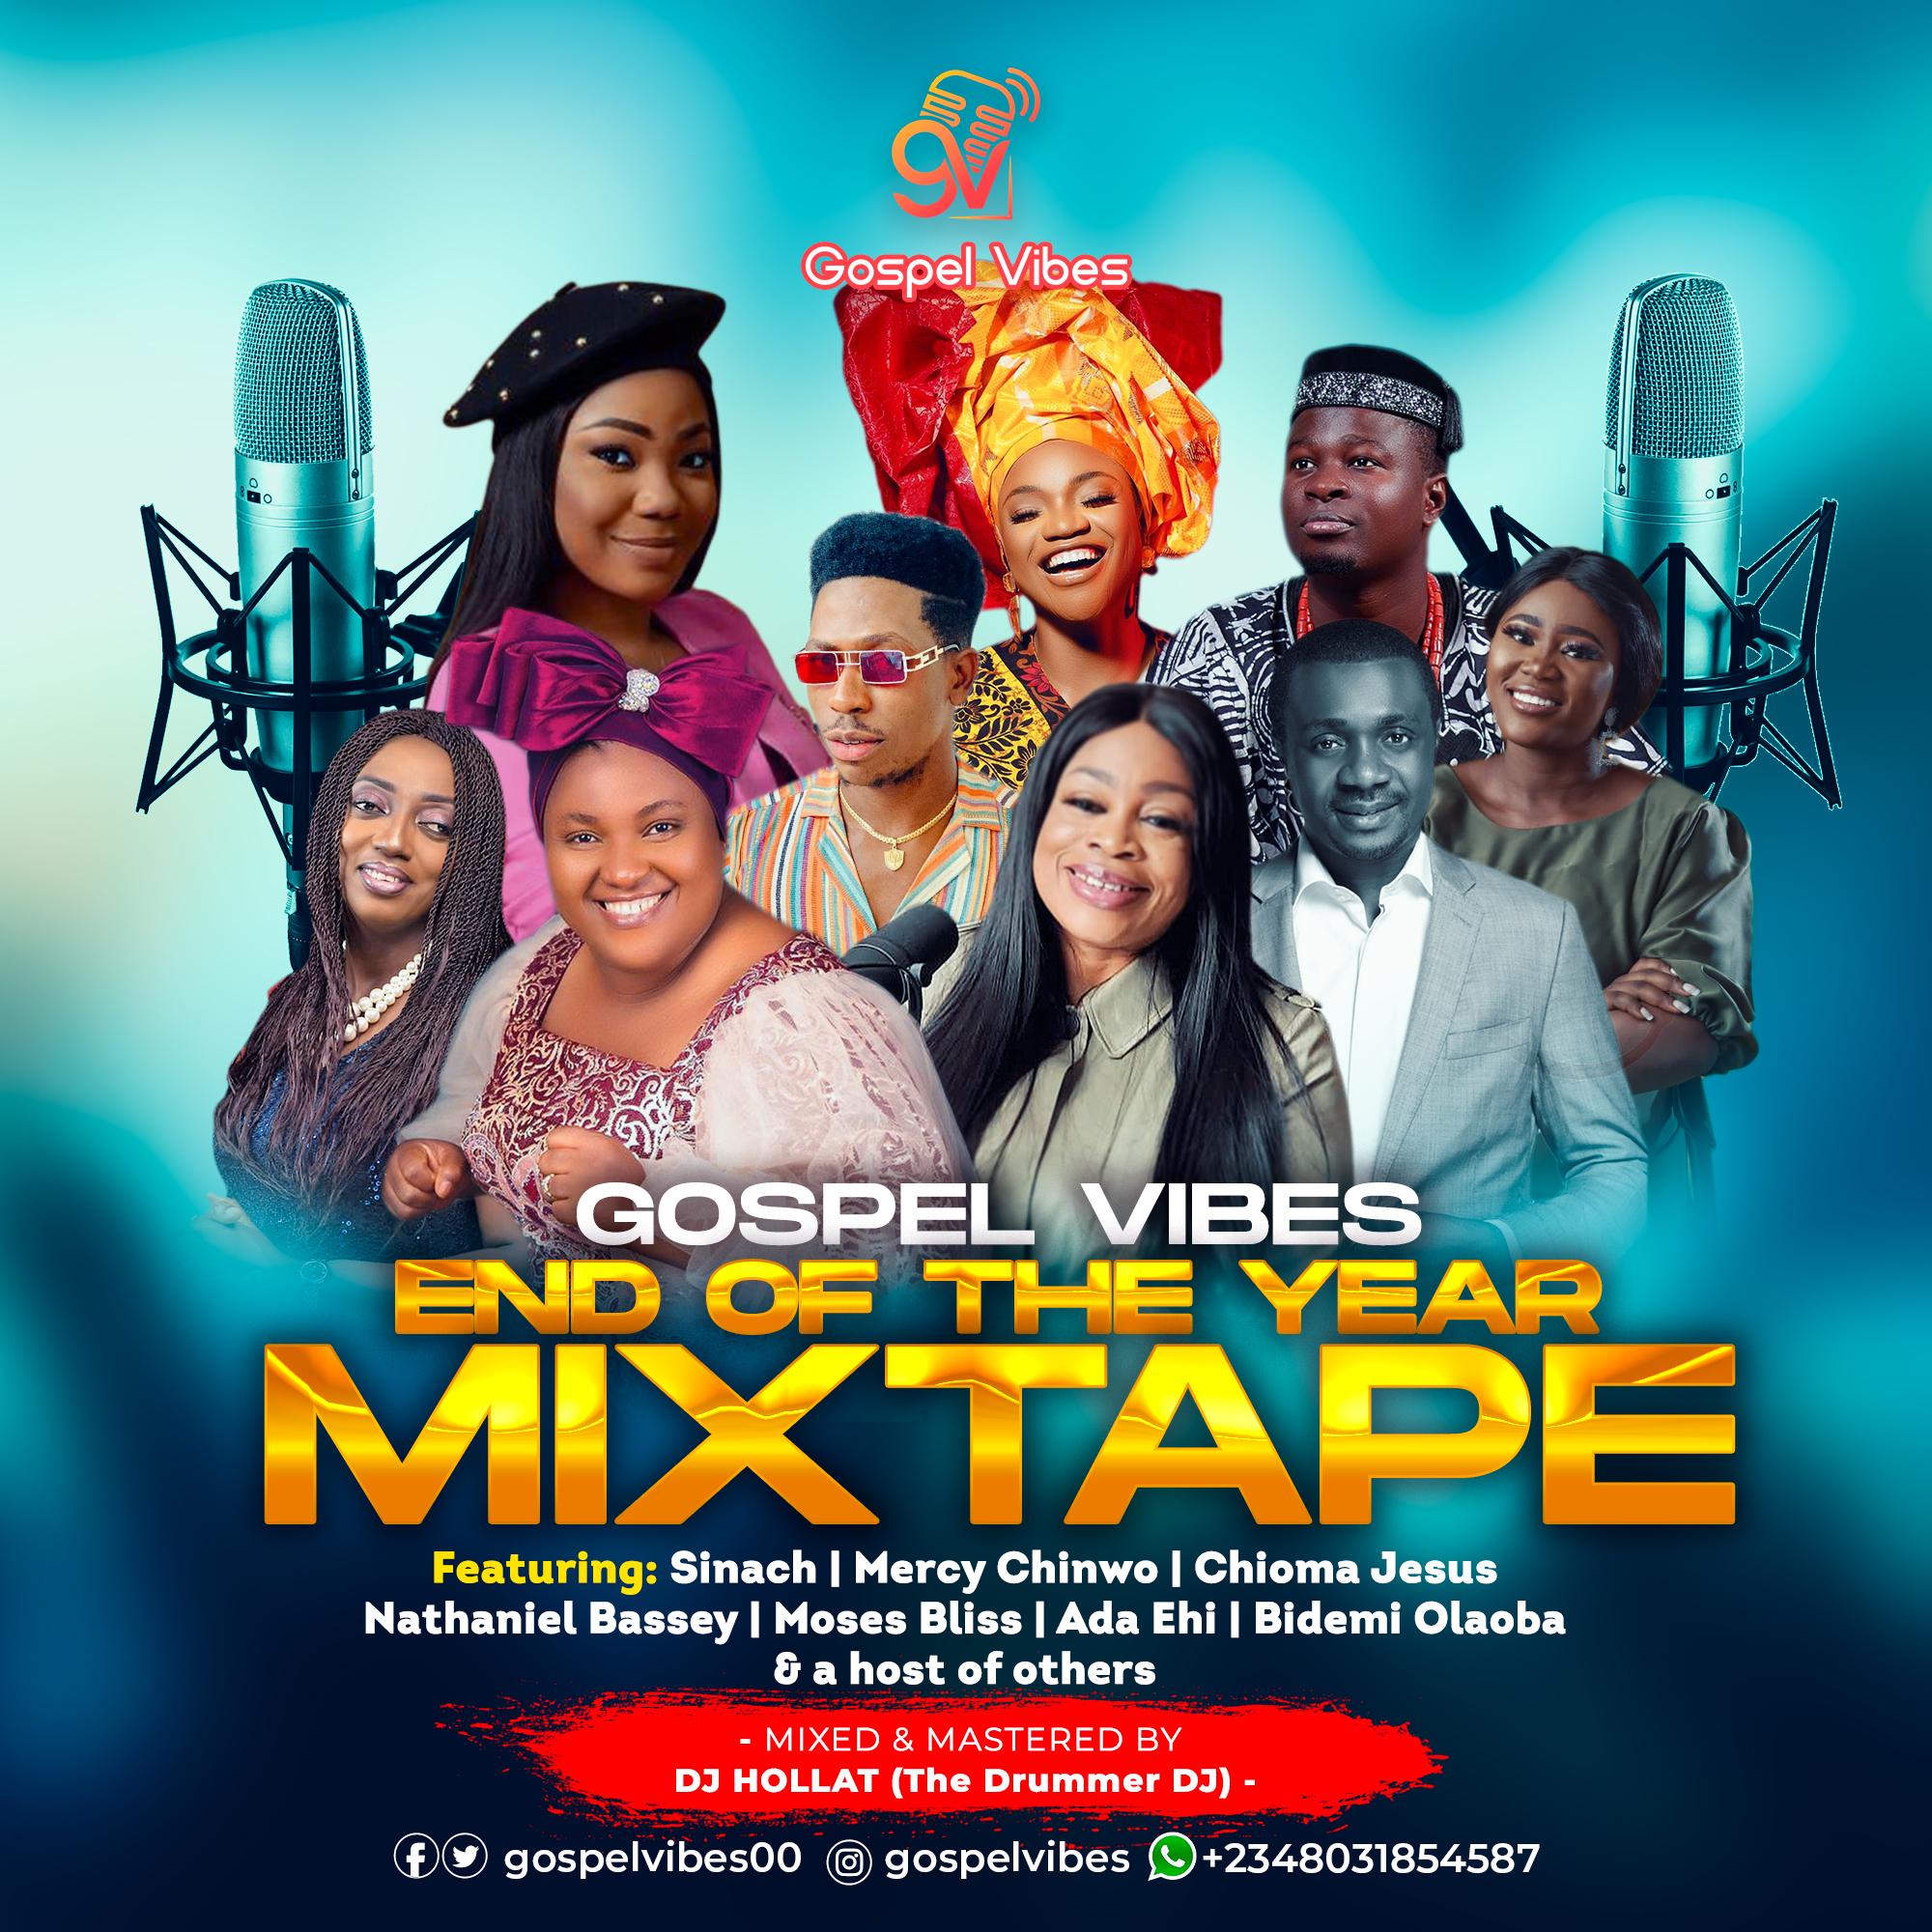 [Mixtape] Gospel Vibes Ft. DJ Hollat - Gospel Vibes End Of The Year Mixtape